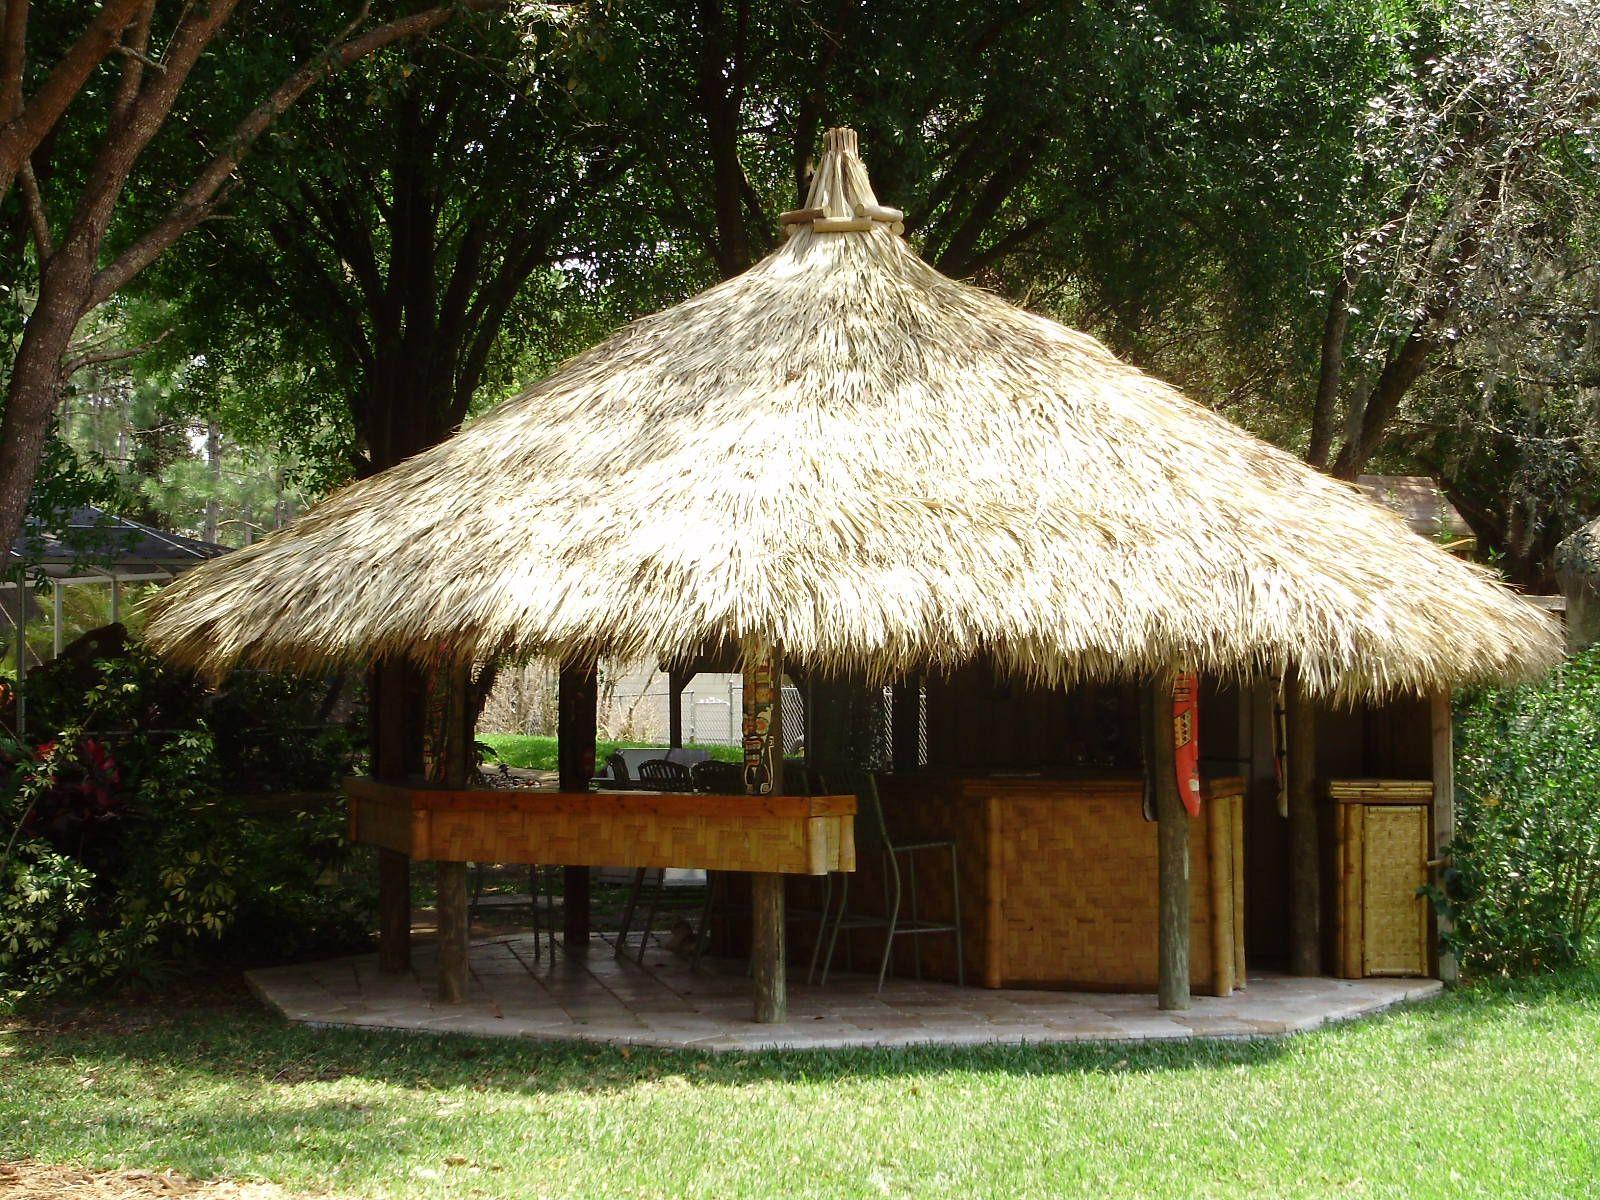 Pin By Larr On Secret Places Cool Spaces Tiki Hut Gazebo Gazebo Roof